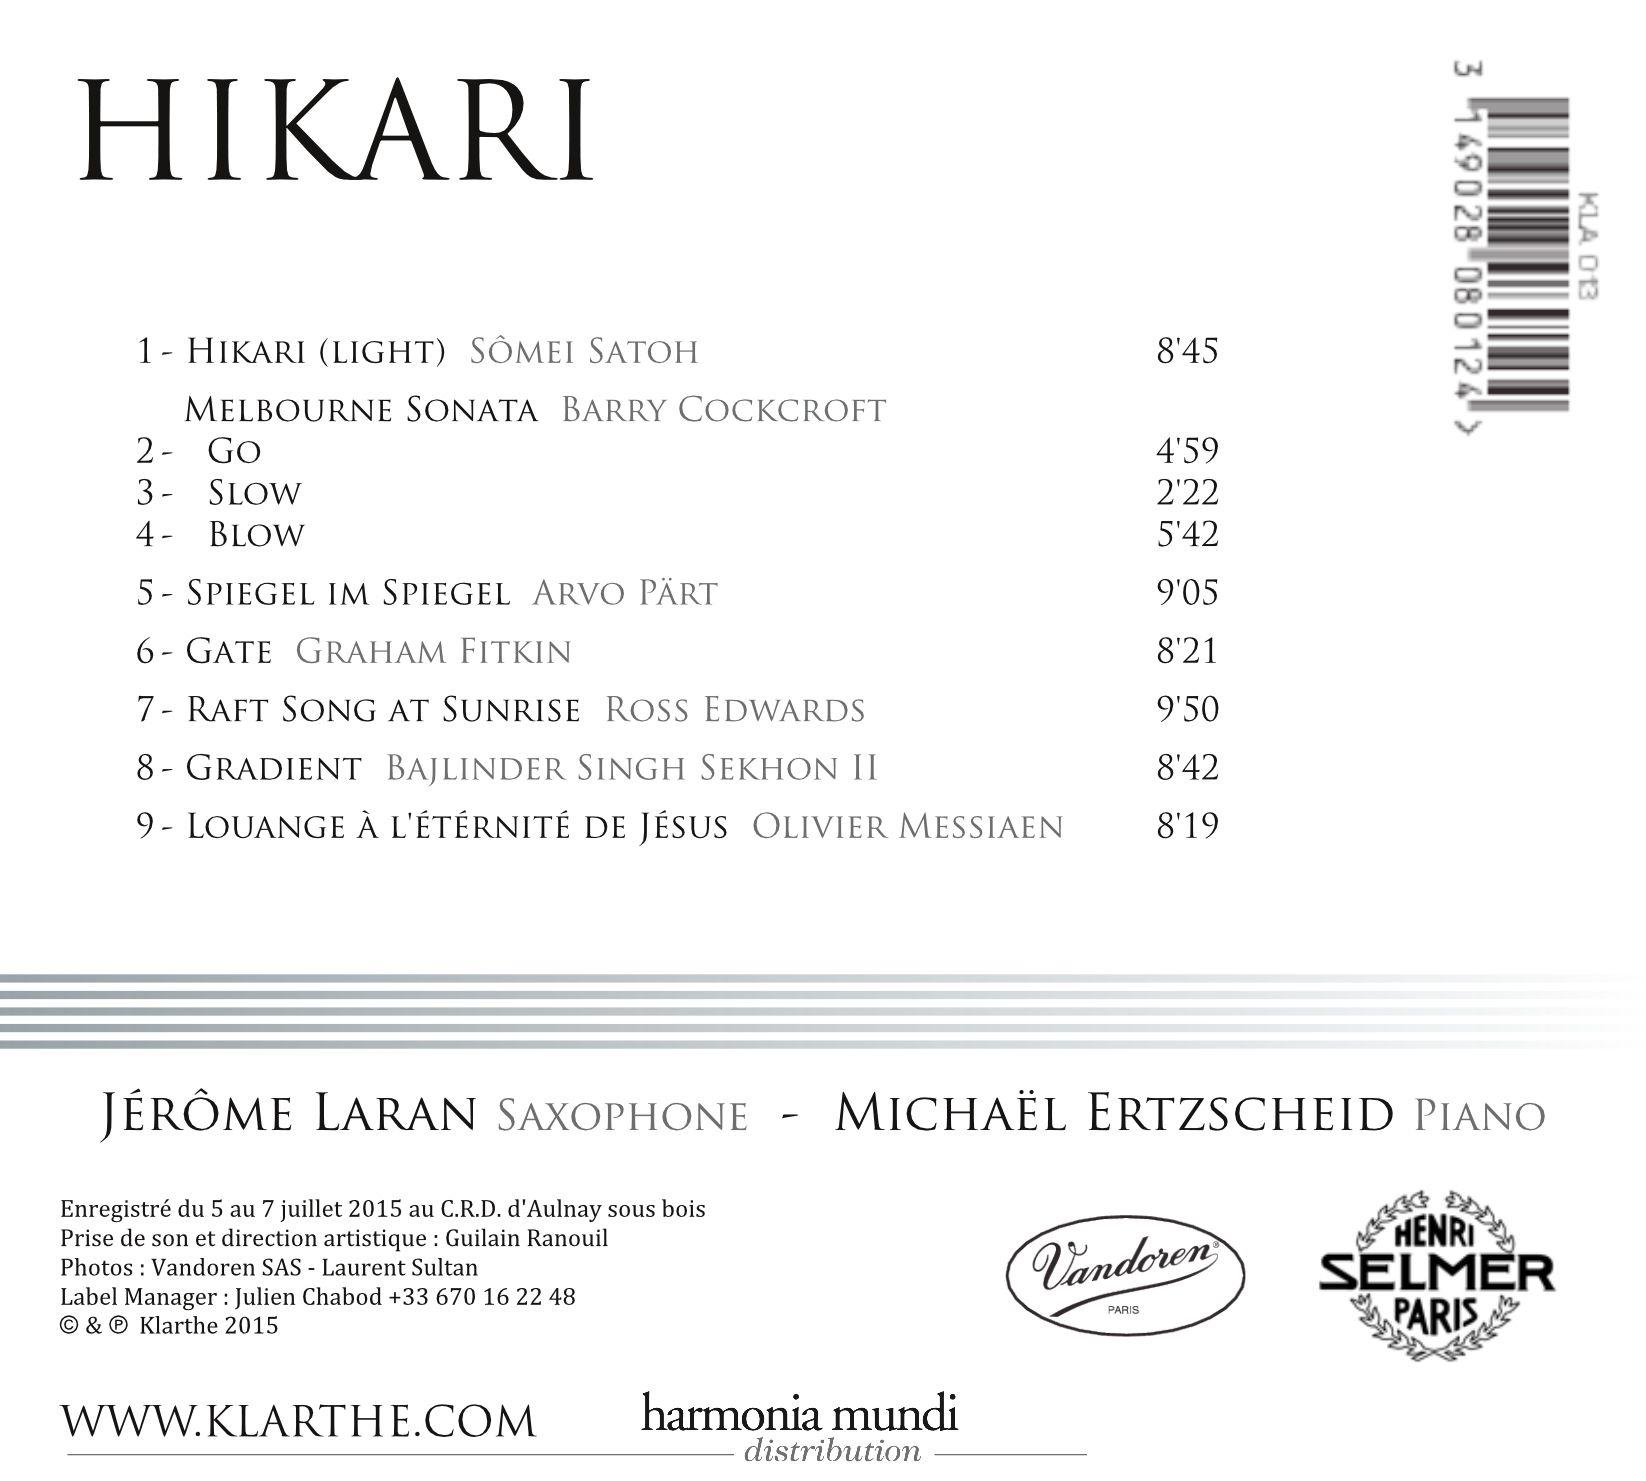 Jerome Laran HIKARI back